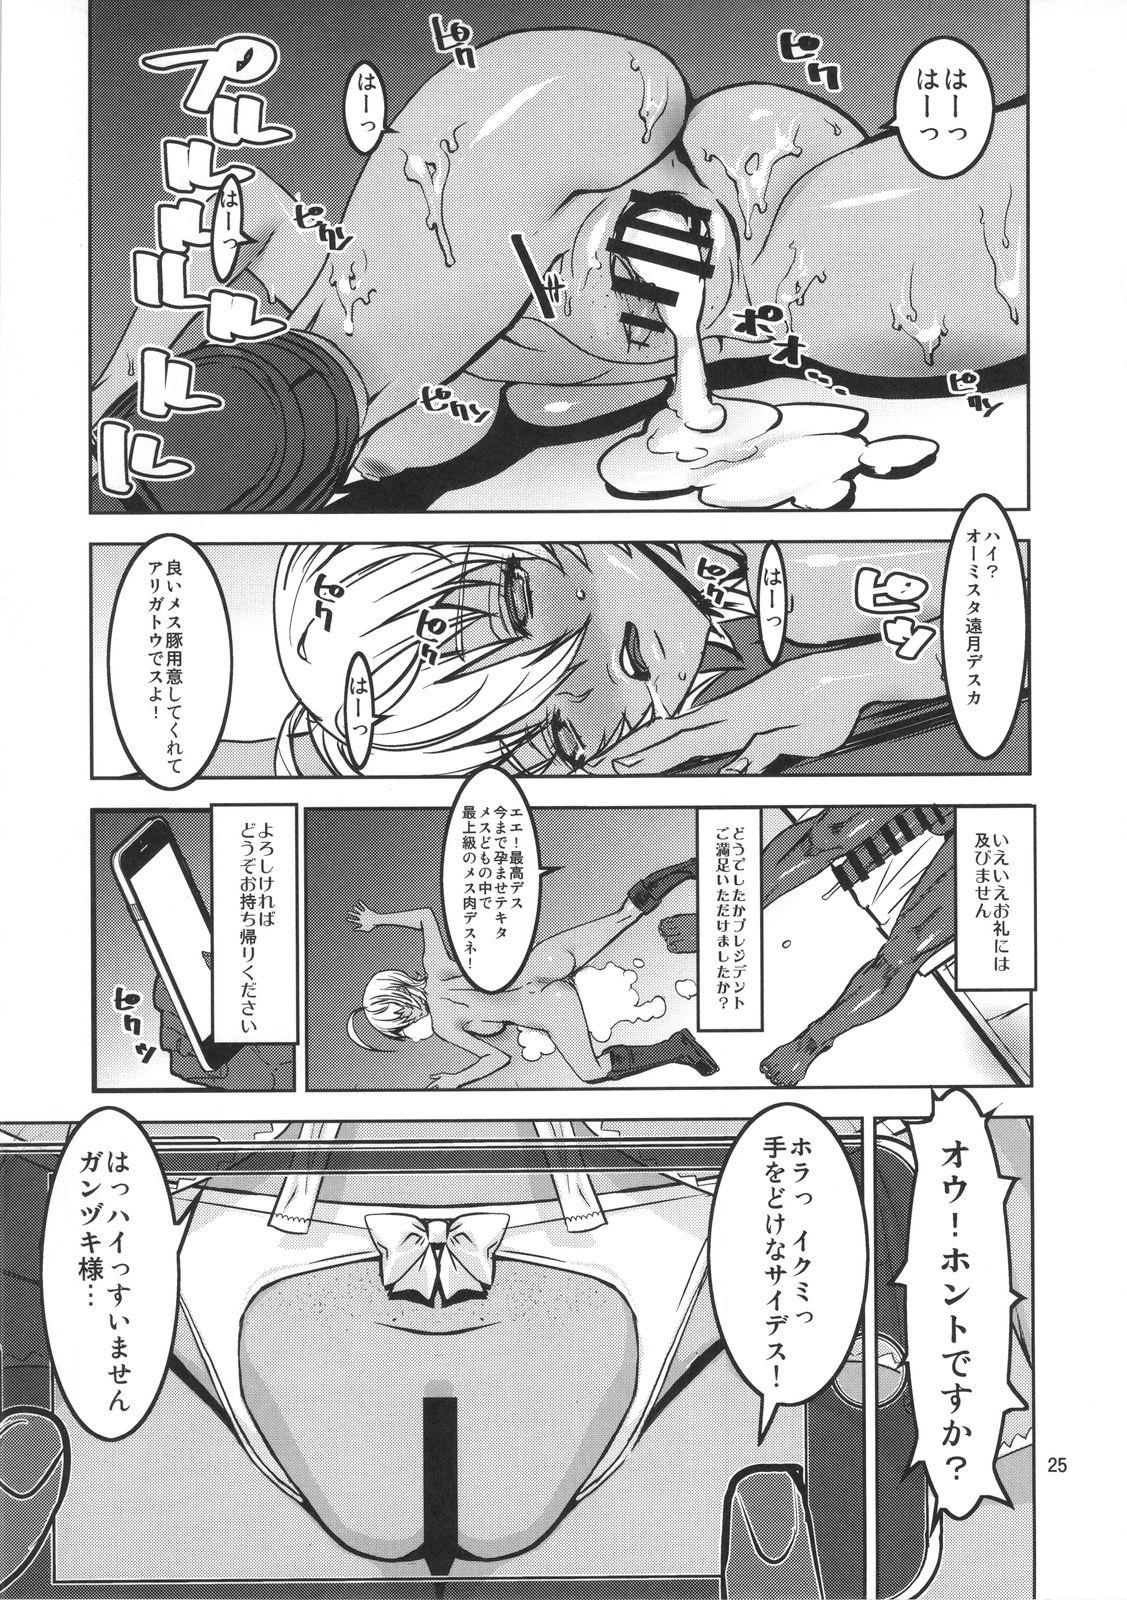 【エロ同人誌】郁魅に部室を潰された男達が復讐の輪姦凌辱レイプwww【食戟のソーマ/COMIC1☆11】